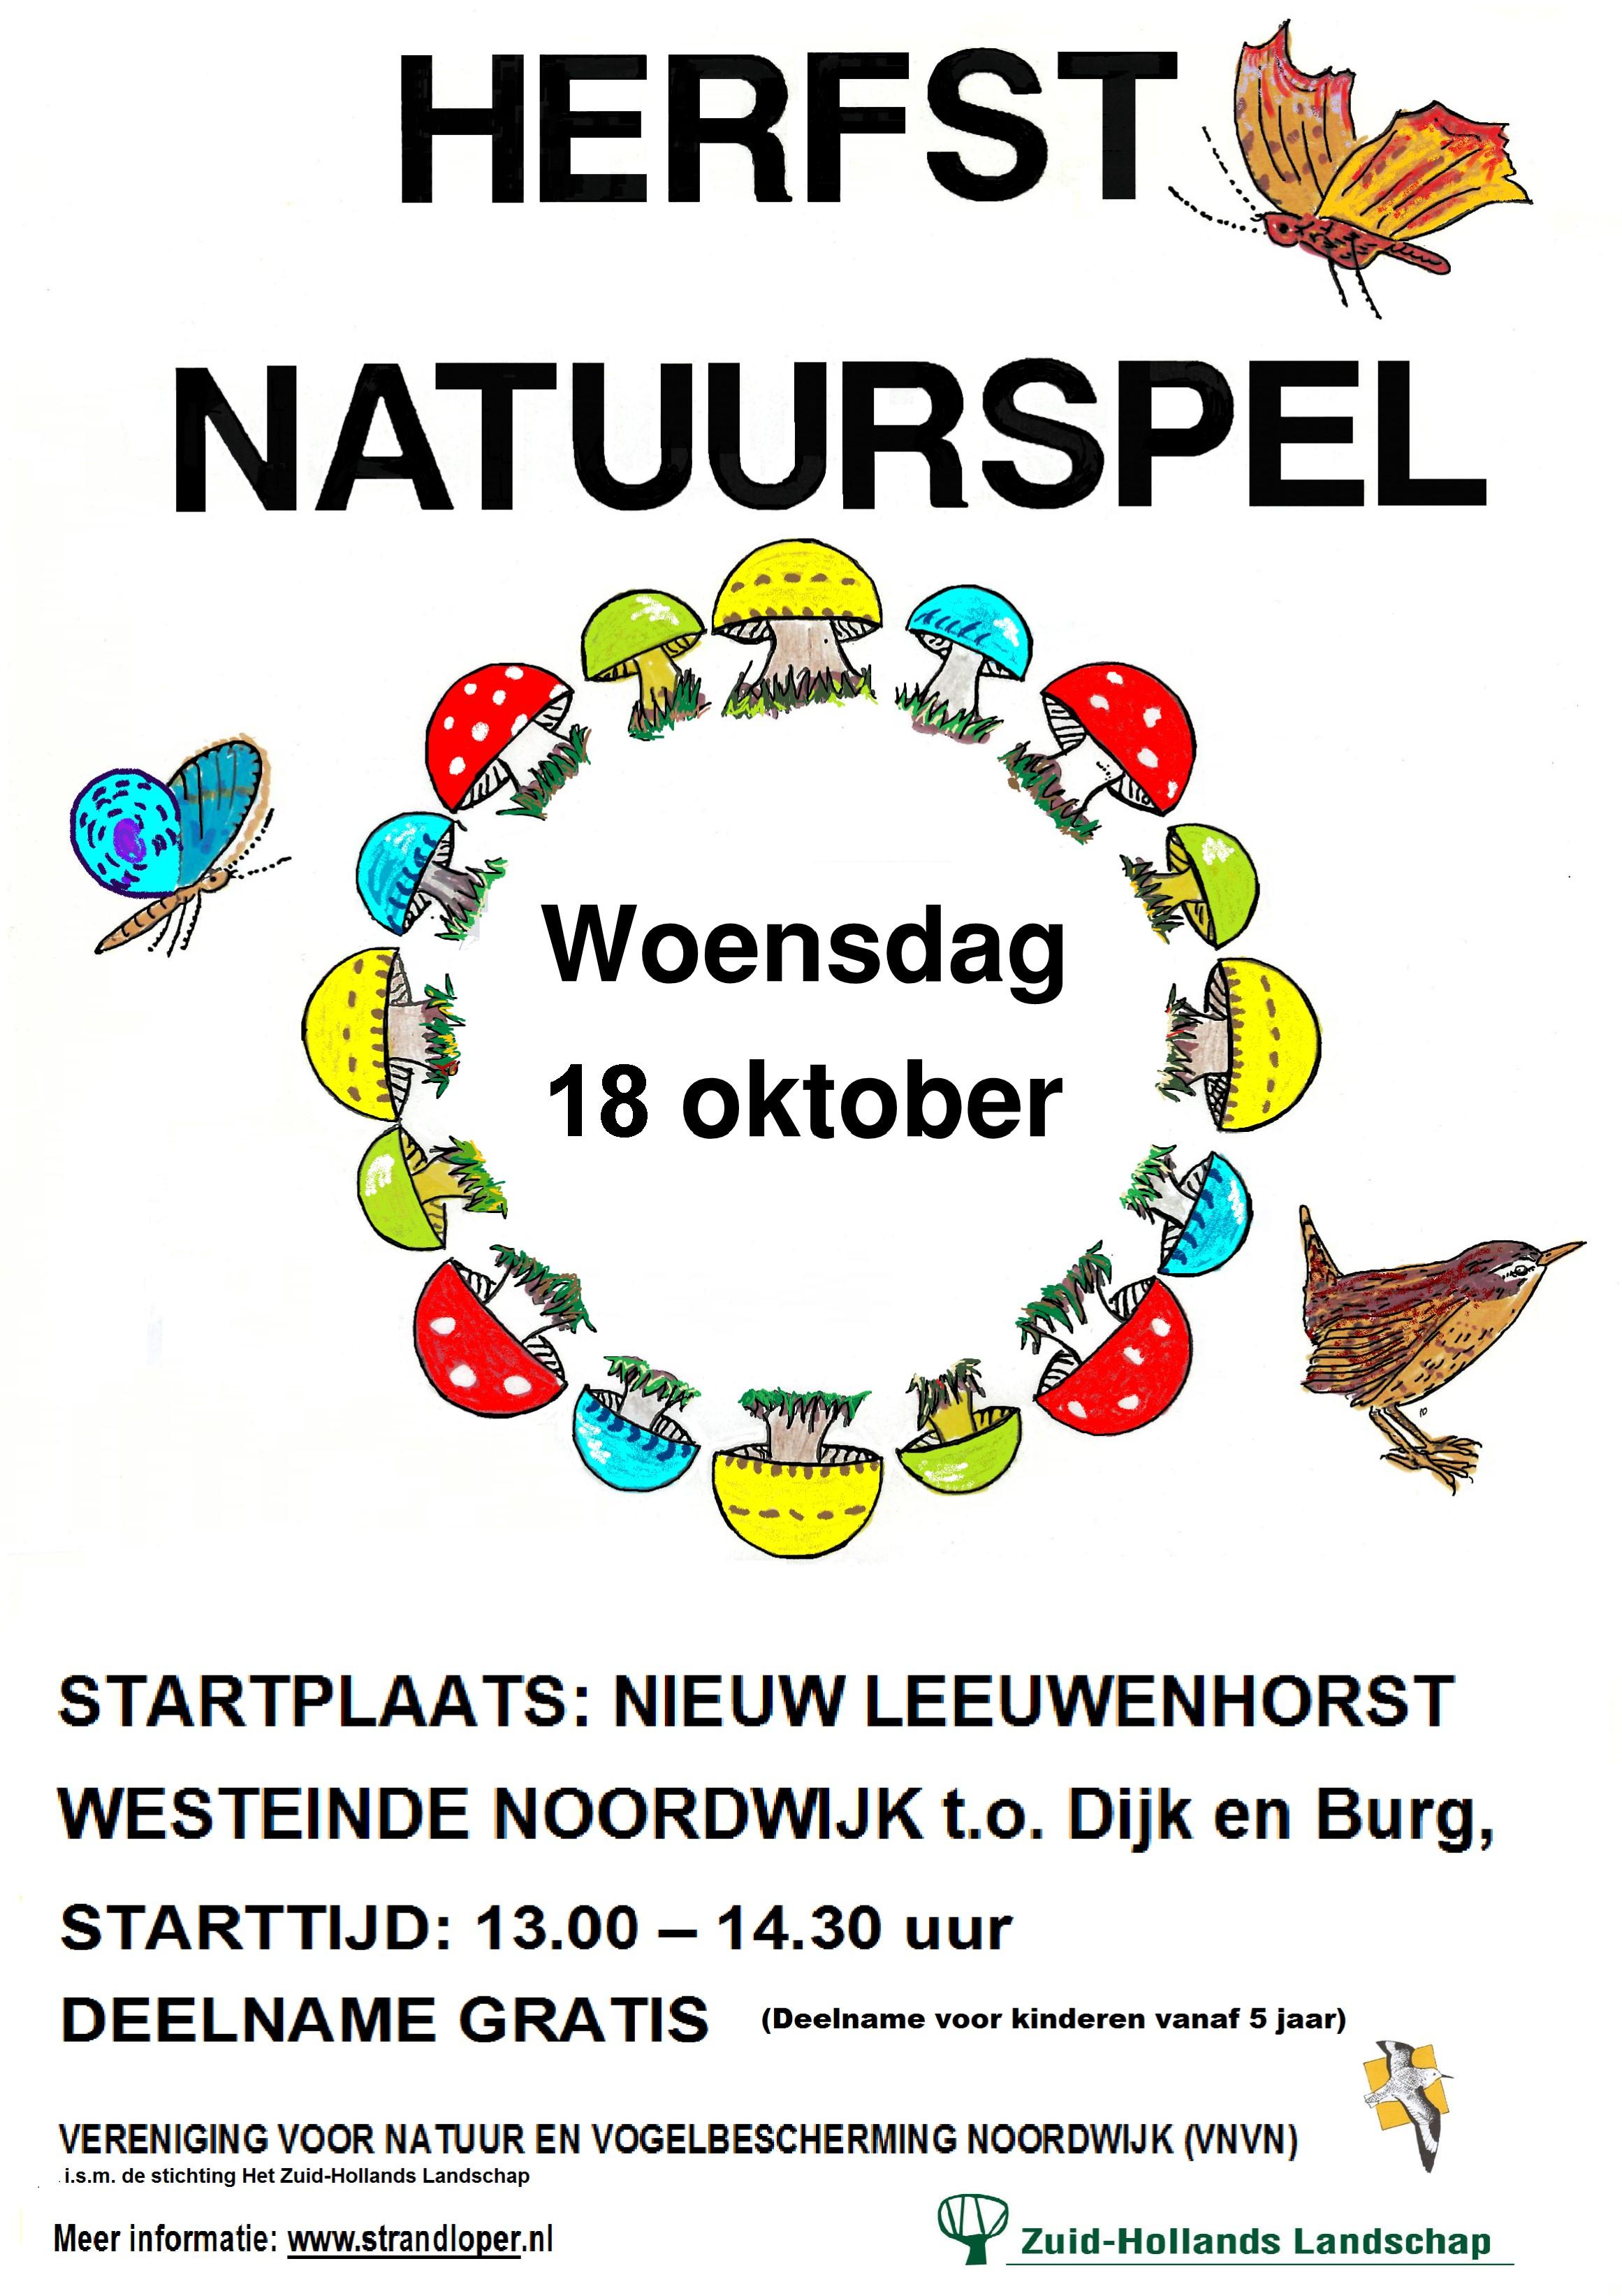 Poster-herfstnatuurspel-18okt-2017